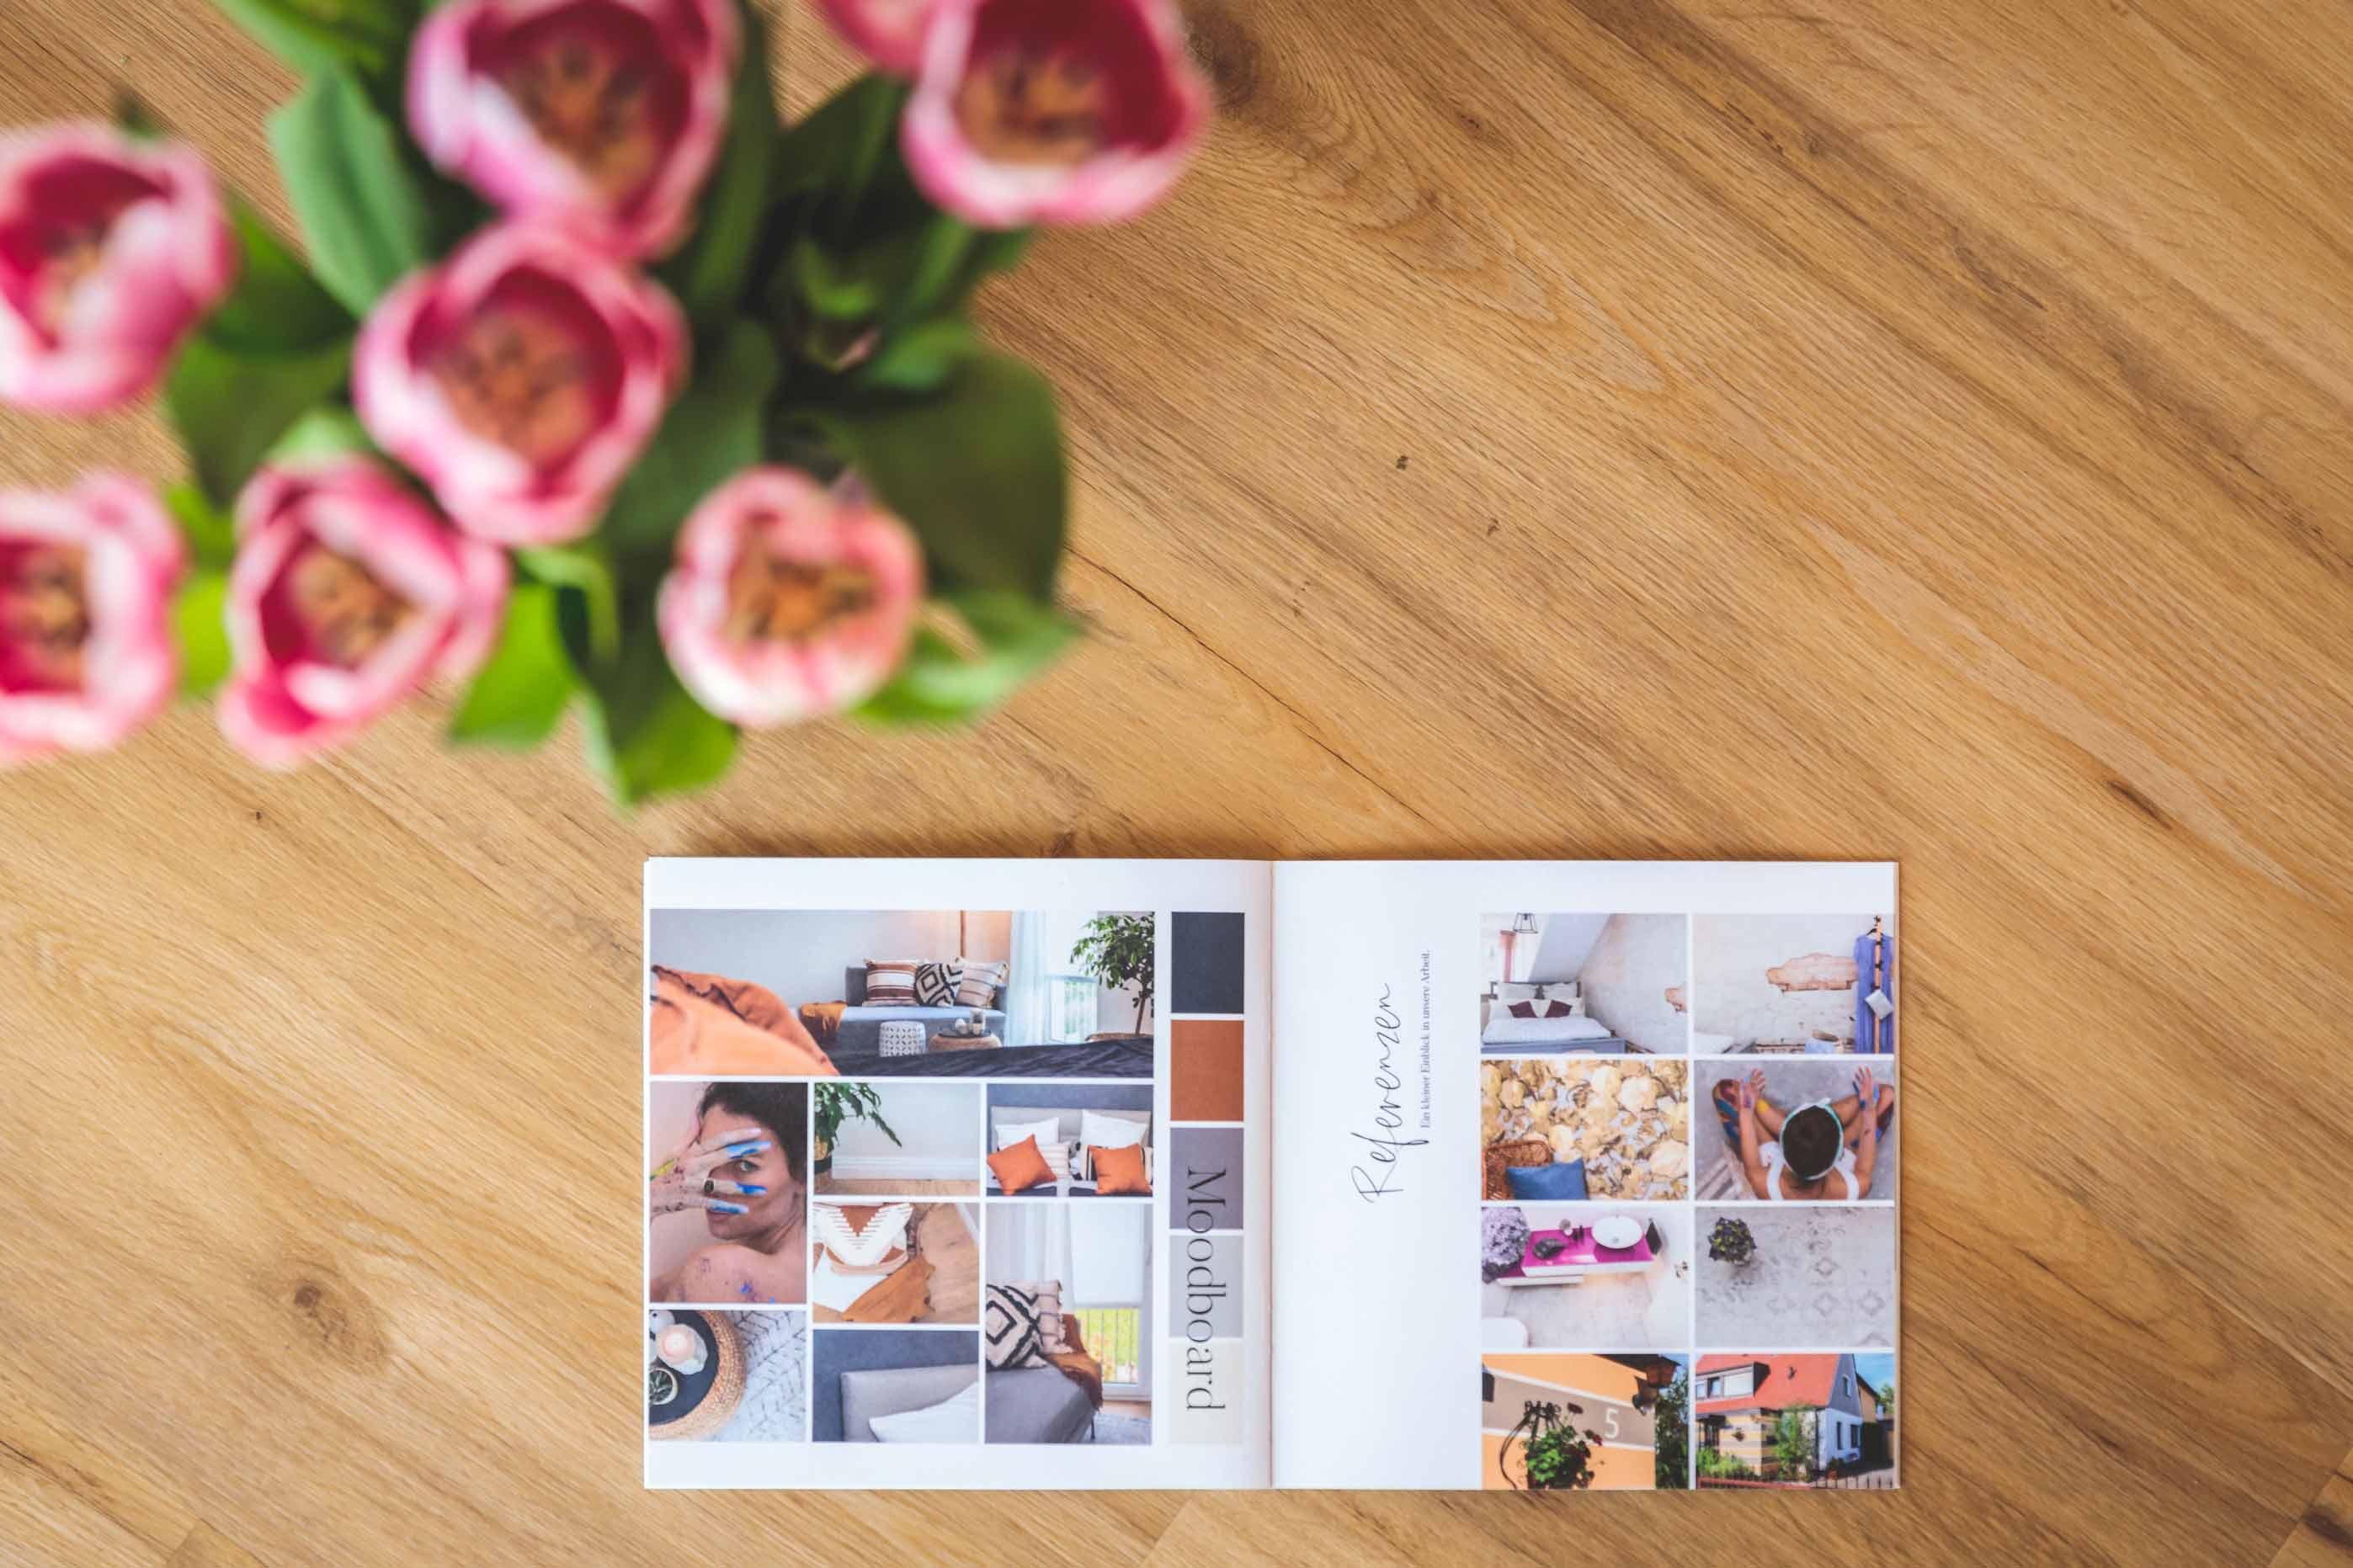 Unternehmensbroschüre in farbenfrohem Design IMG 0399w